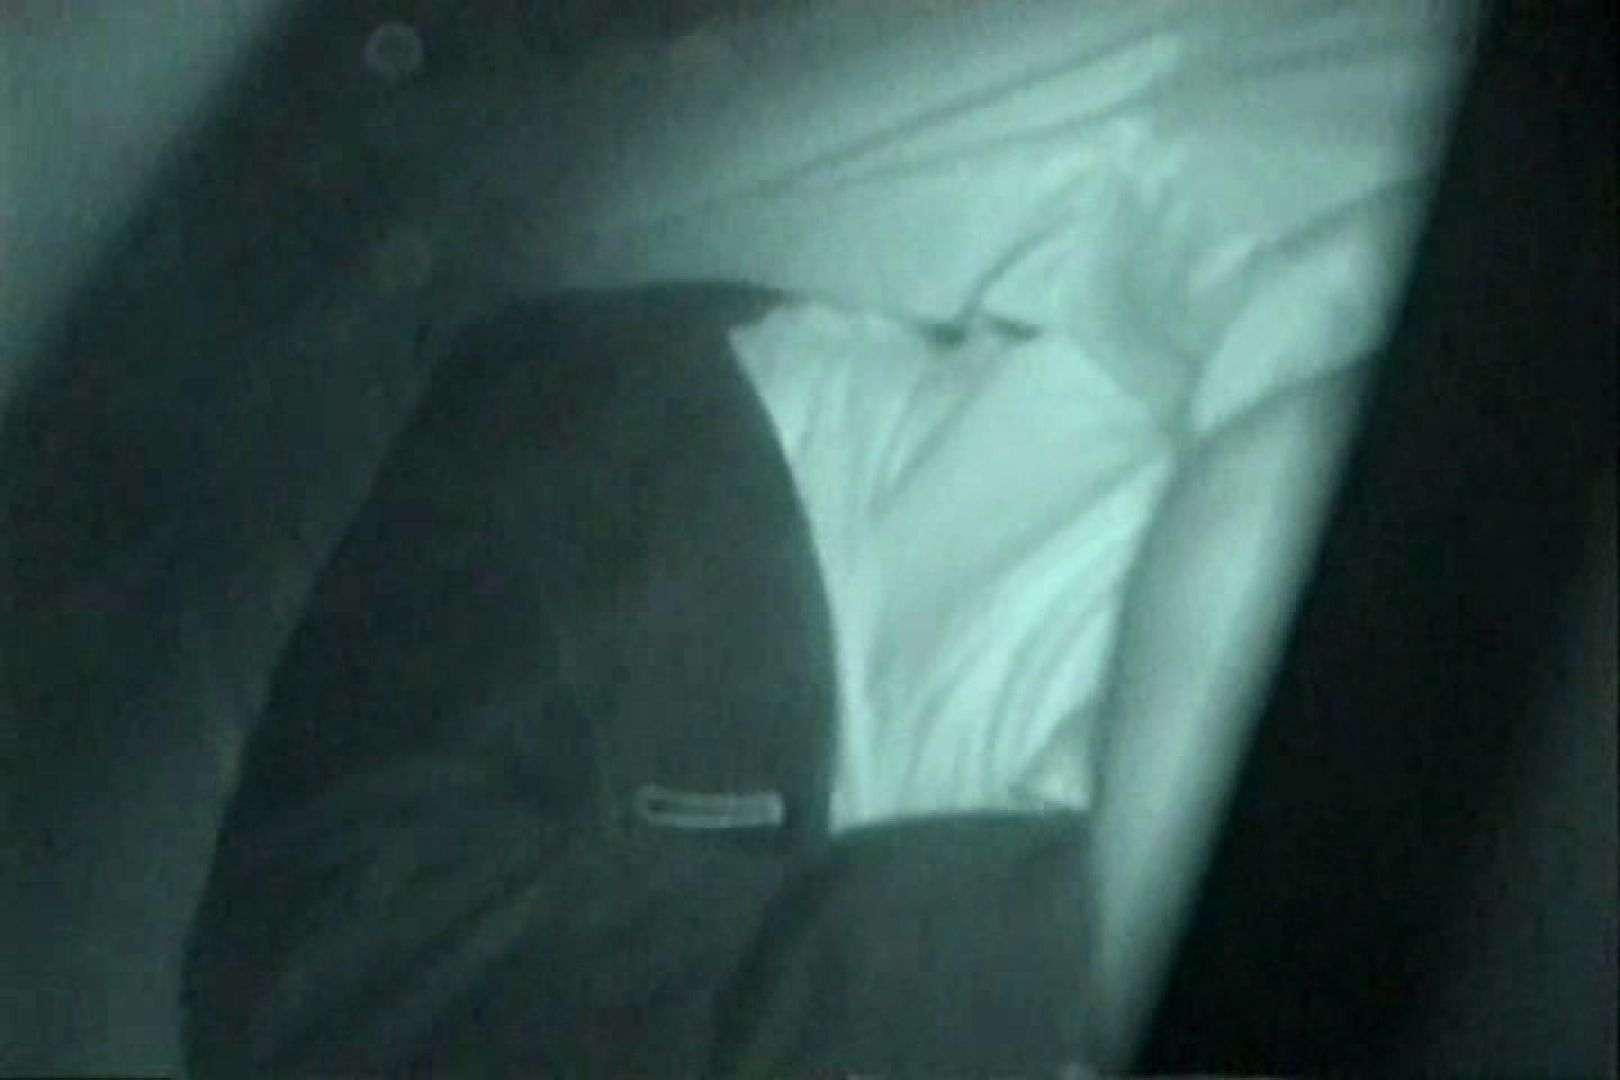 充血監督の深夜の運動会Vol.124 OLセックス 盗撮ワレメ無修正動画無料 63画像 14